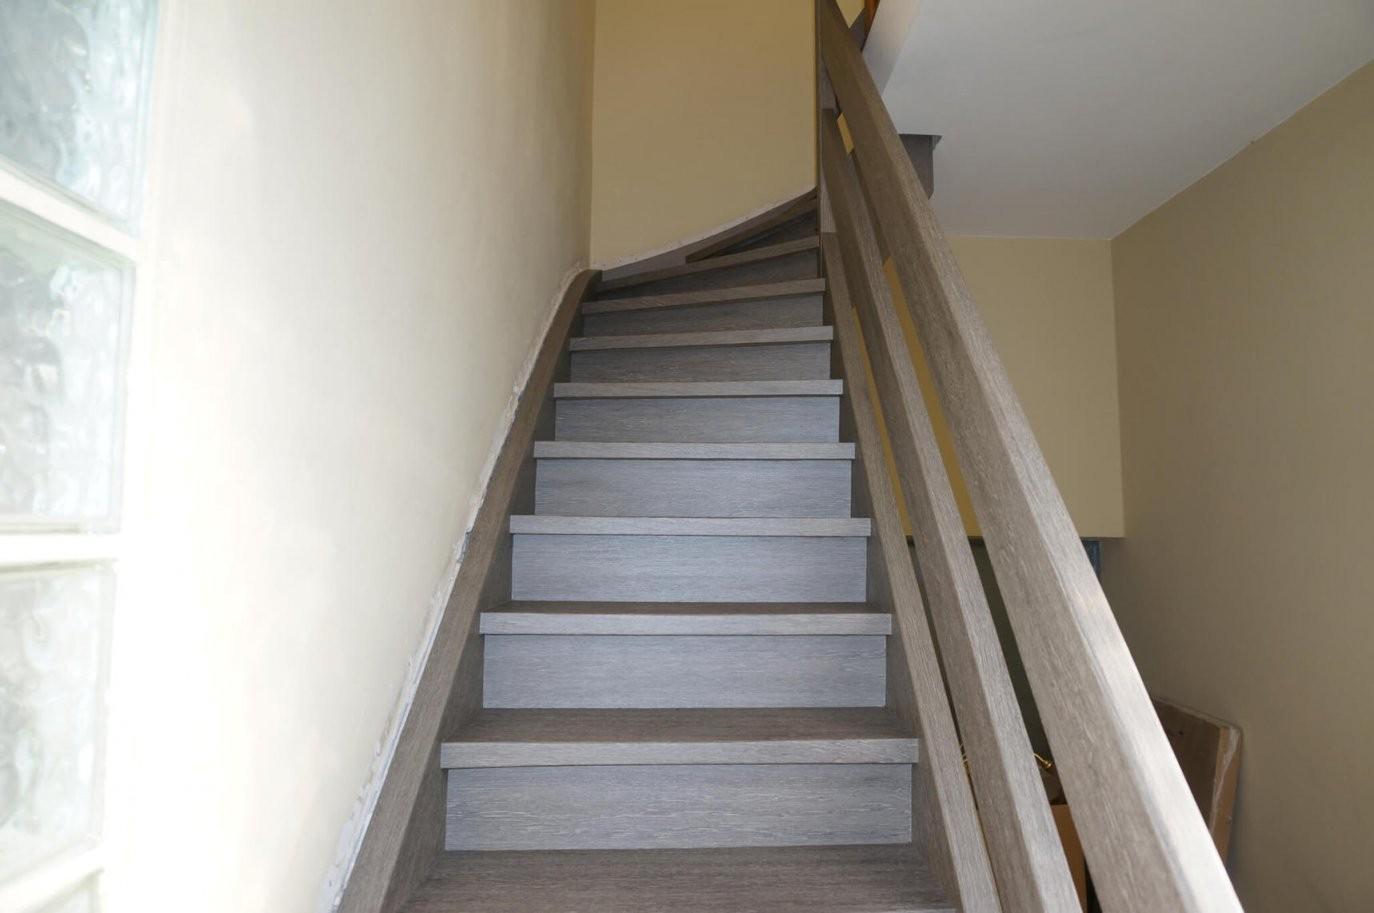 Treppenrenovierung Mit Klebefolie – Resimdo von Treppe Streichen Welche Farbe Photo